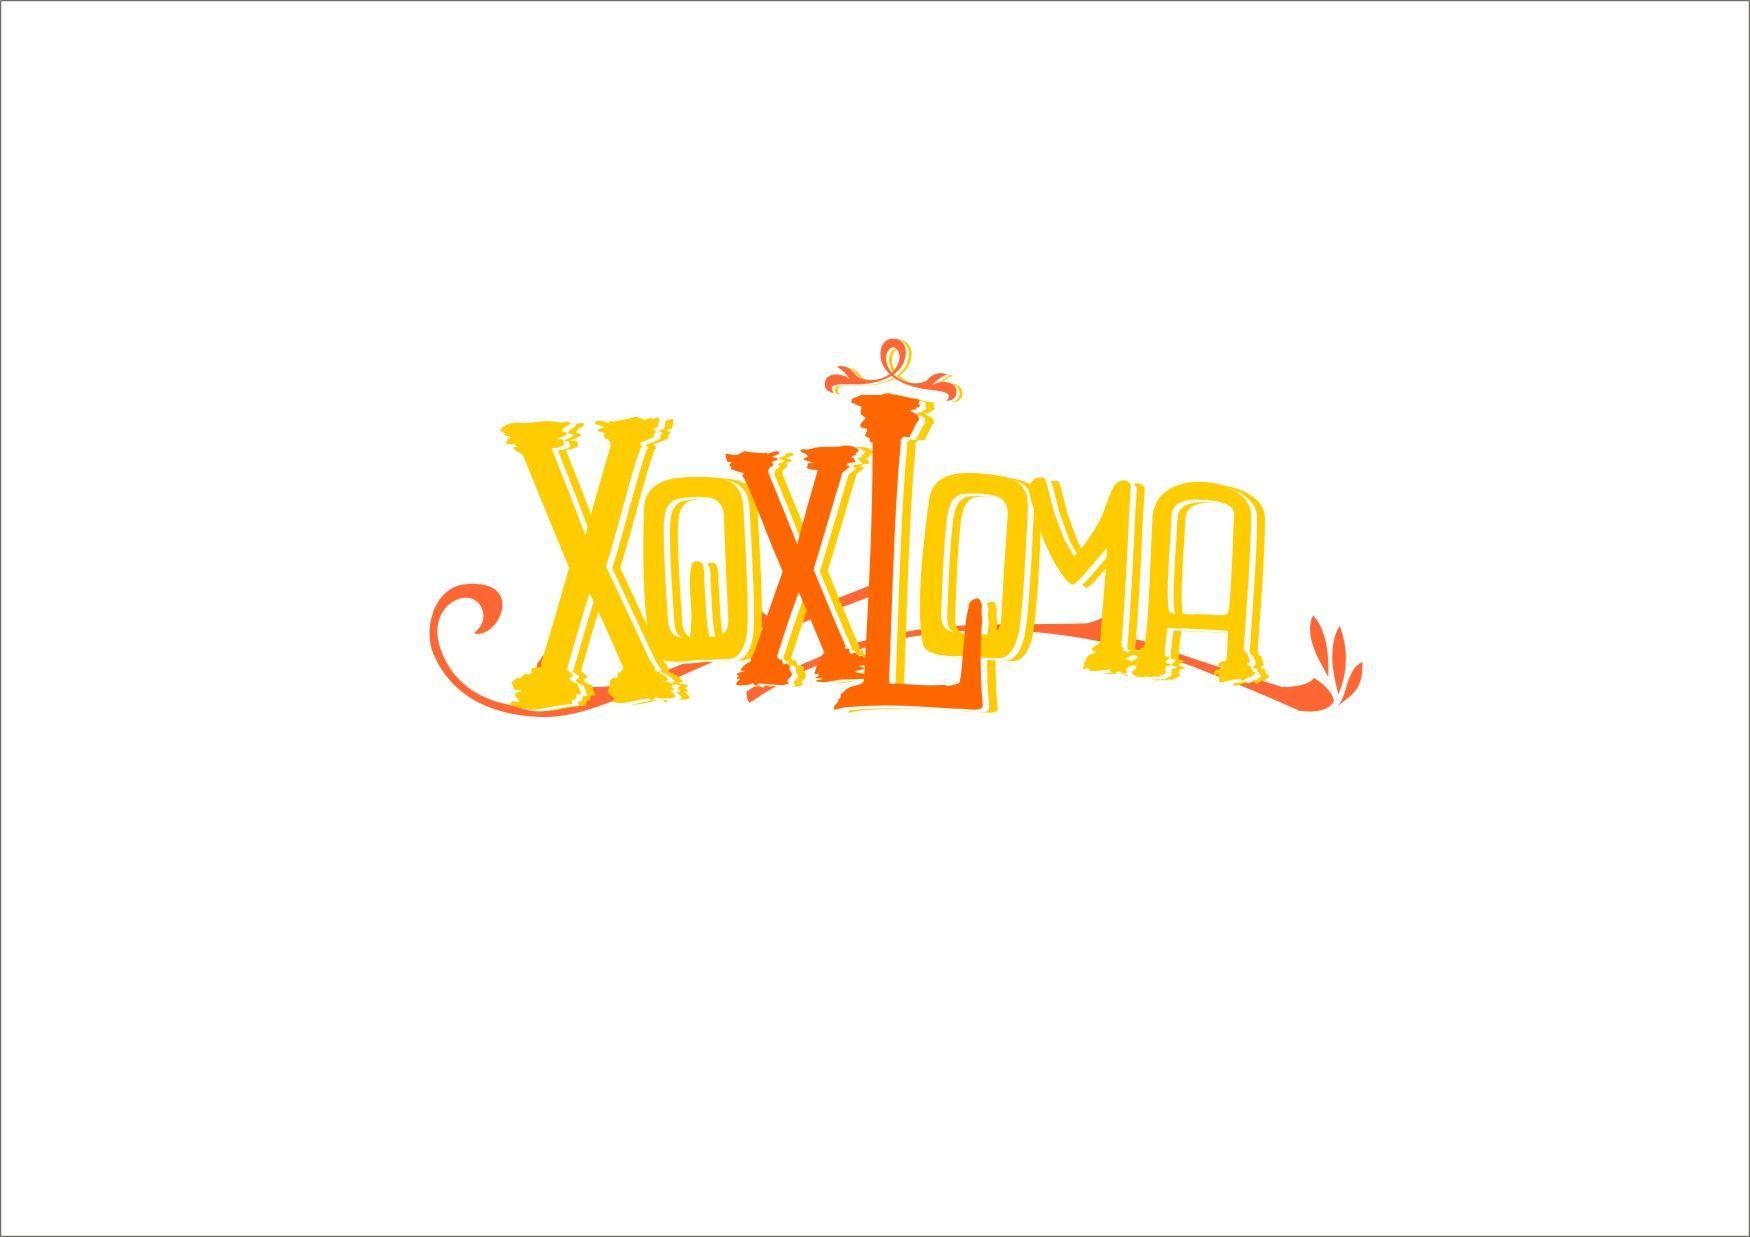 Лого для кафе быстрого обслуживания (пиццерии) - дизайнер Oleksa